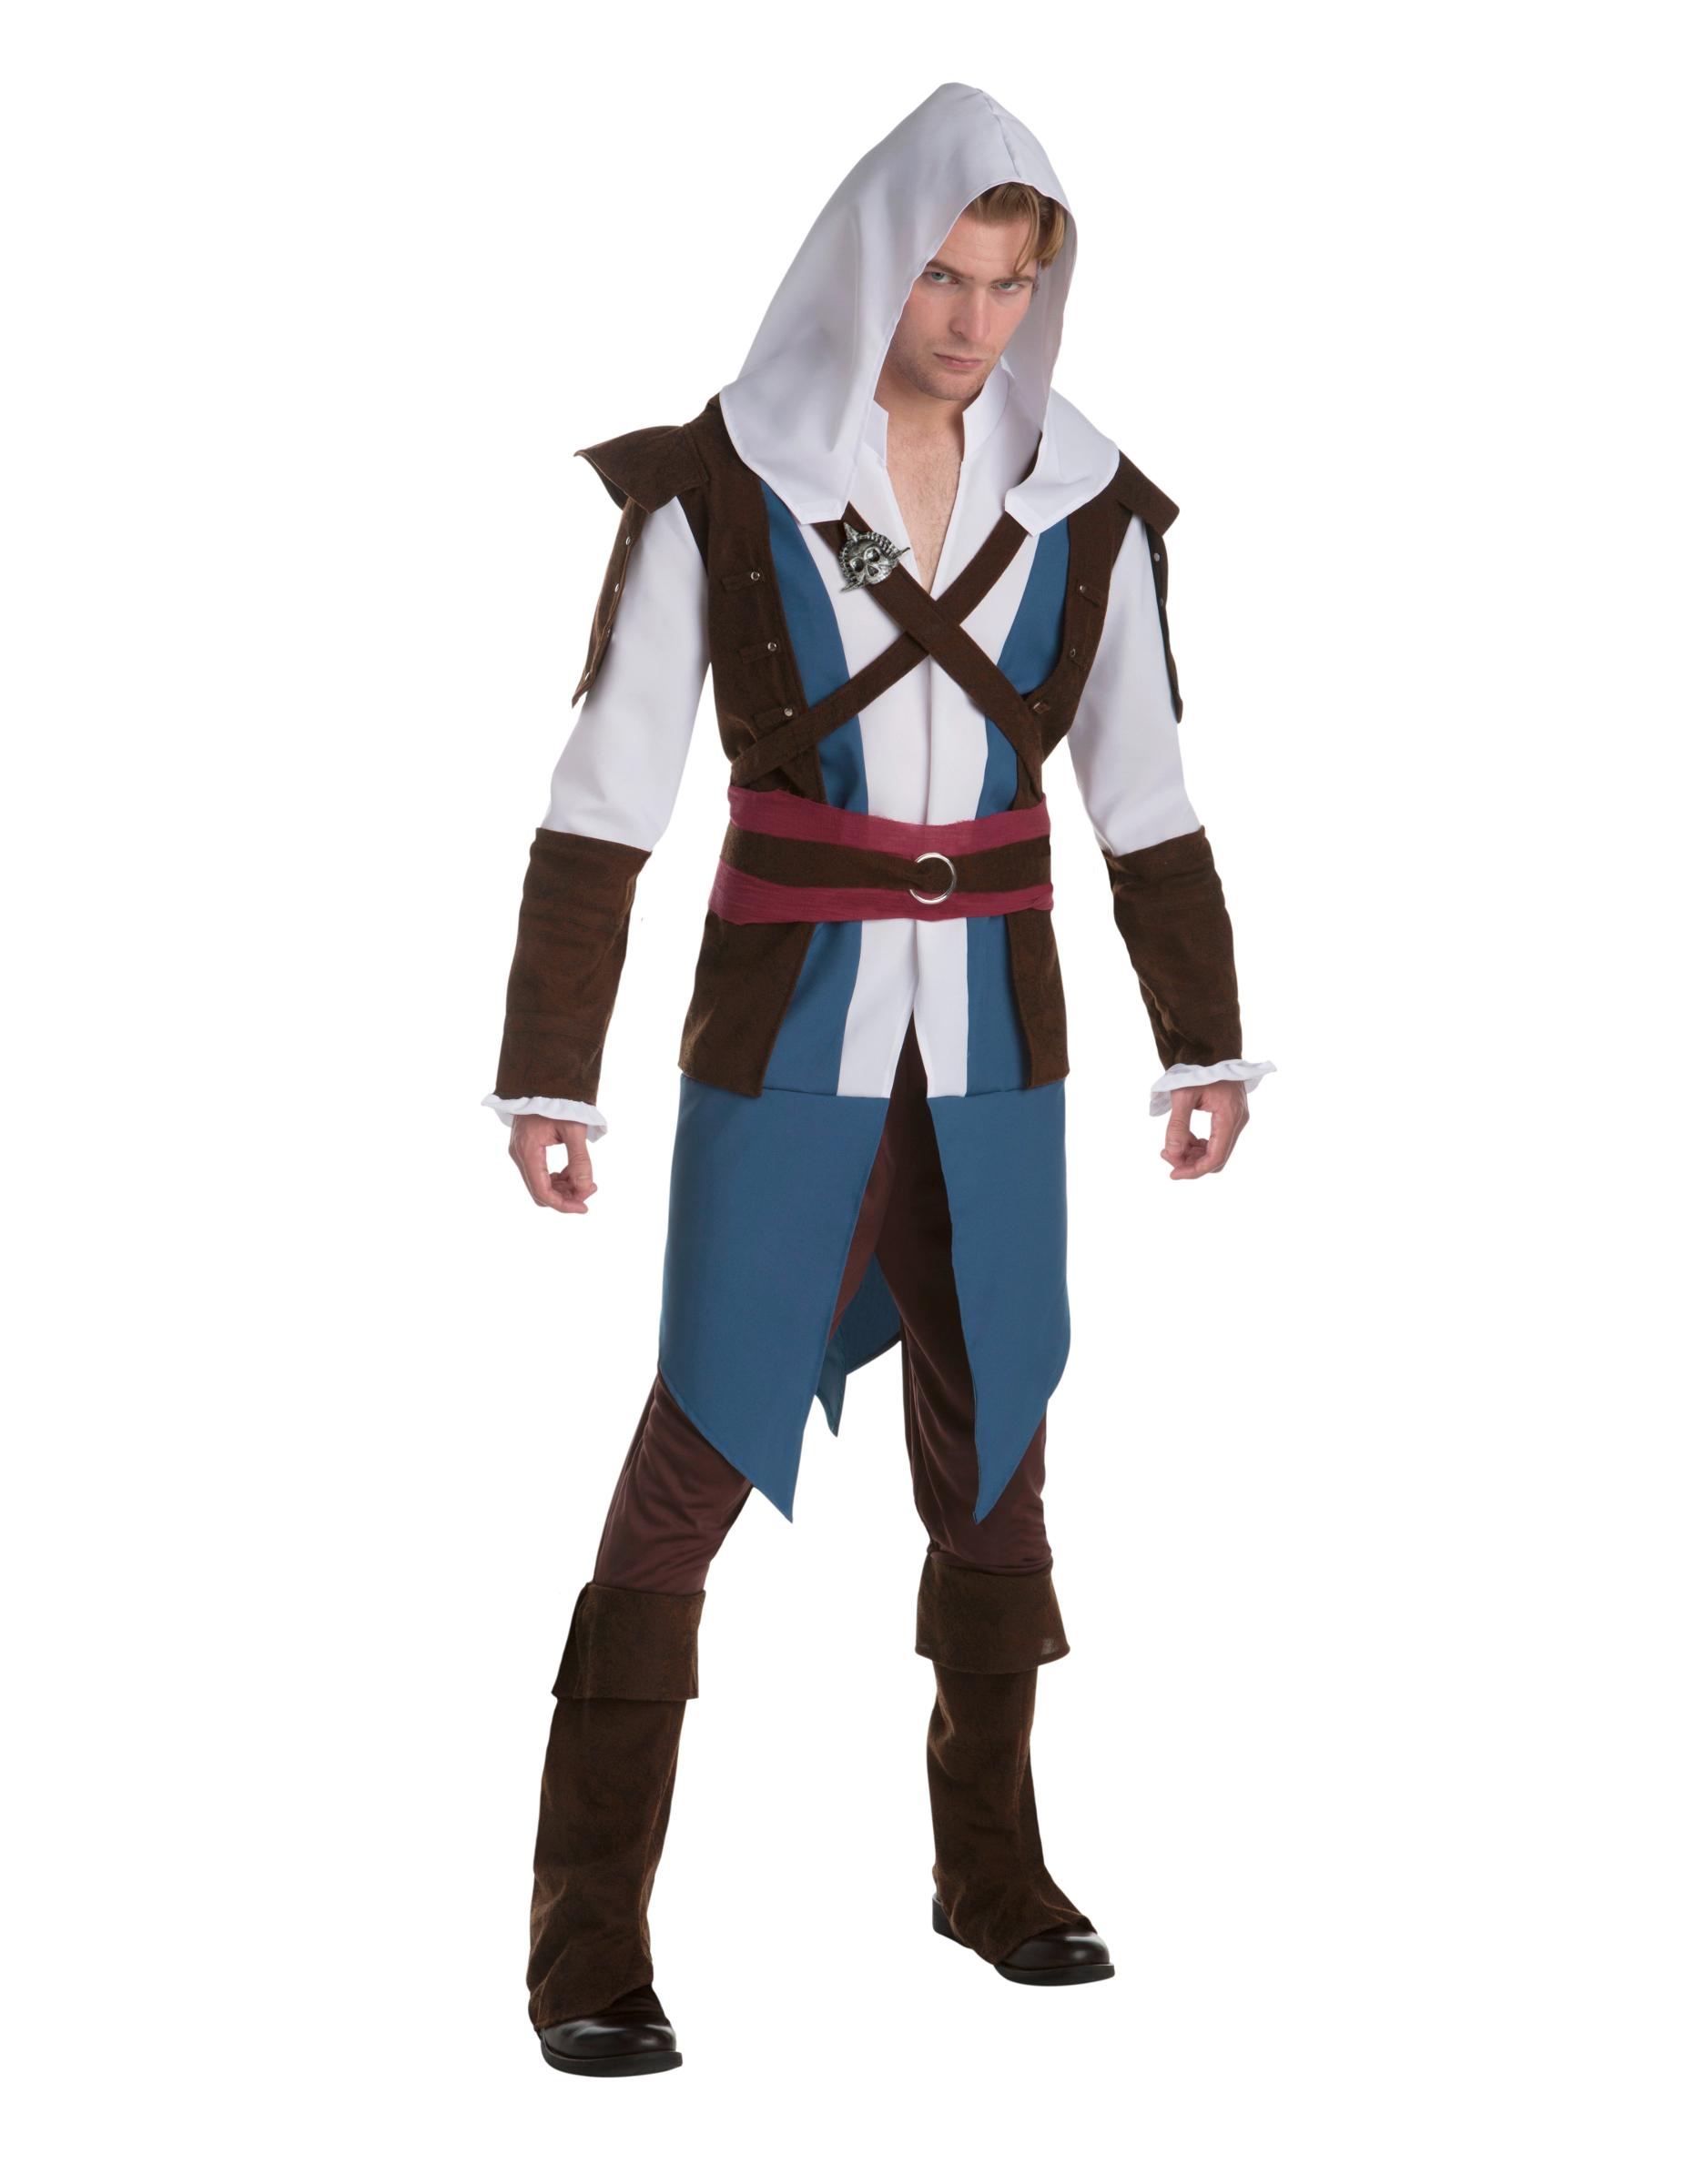 costume classico edward assassin 39 s creed adulta costumi adulti e vestiti di carnevale online. Black Bedroom Furniture Sets. Home Design Ideas